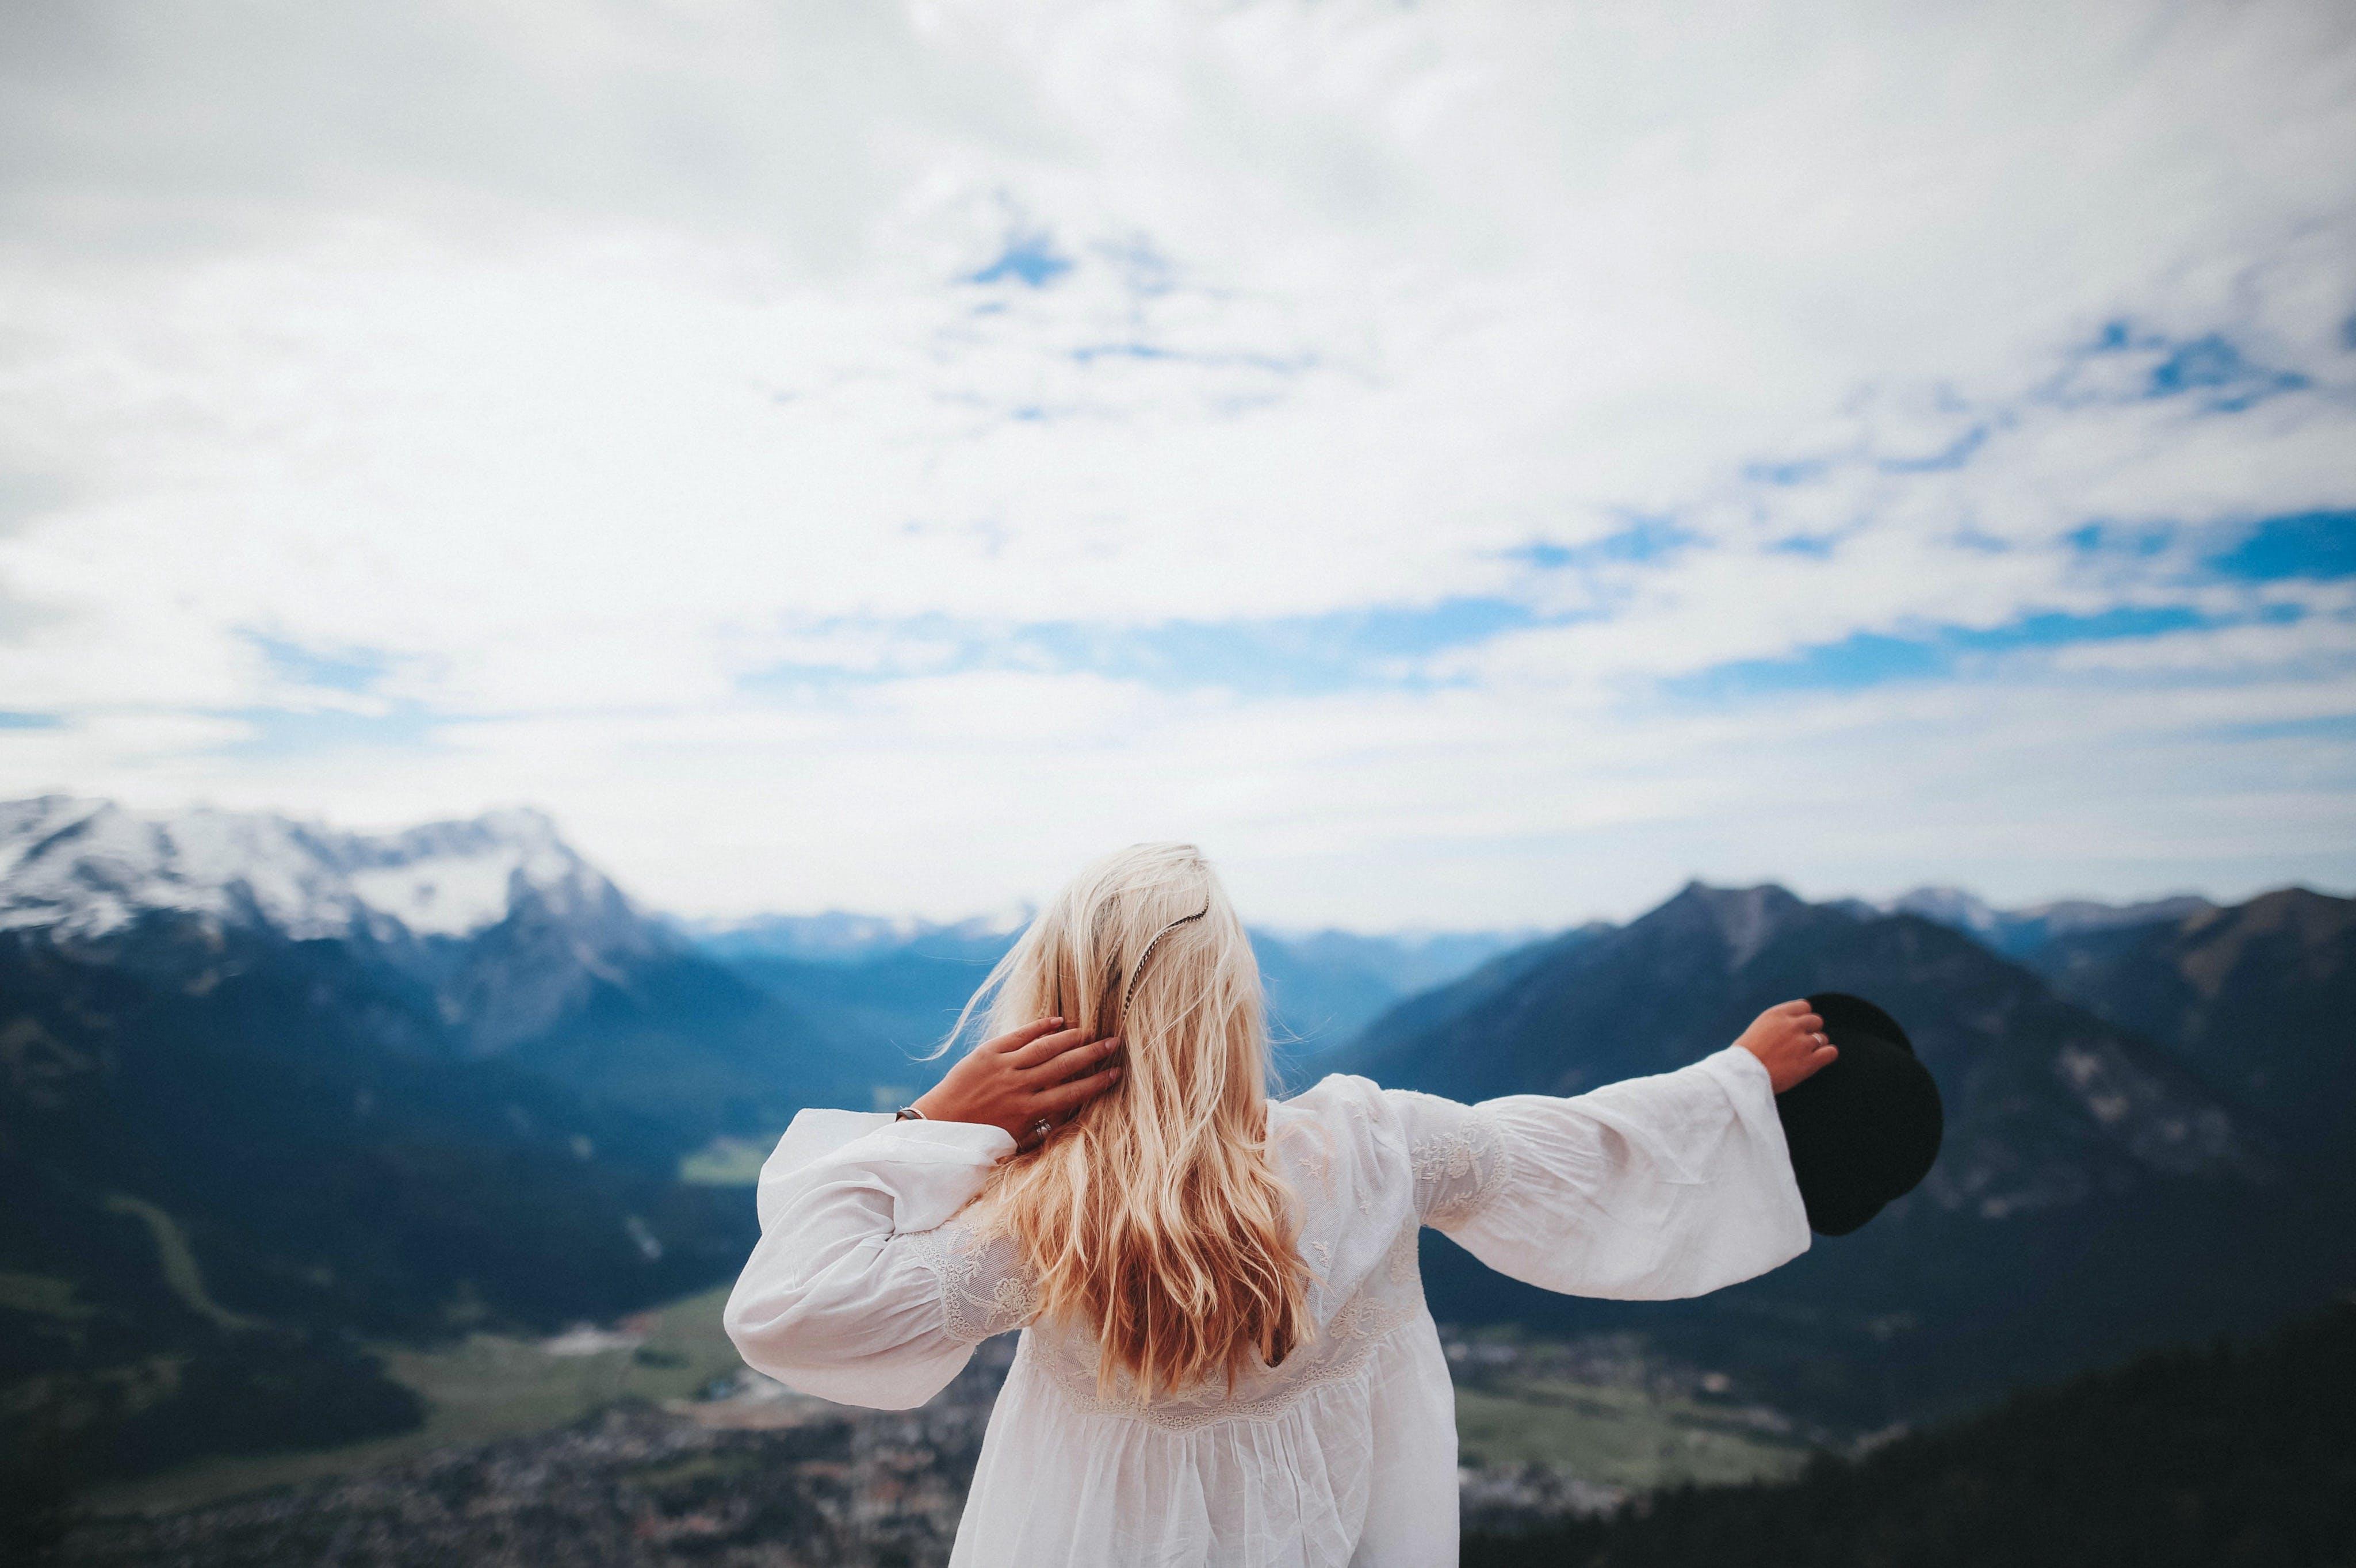 White Dressed Girl Across Black Mountains